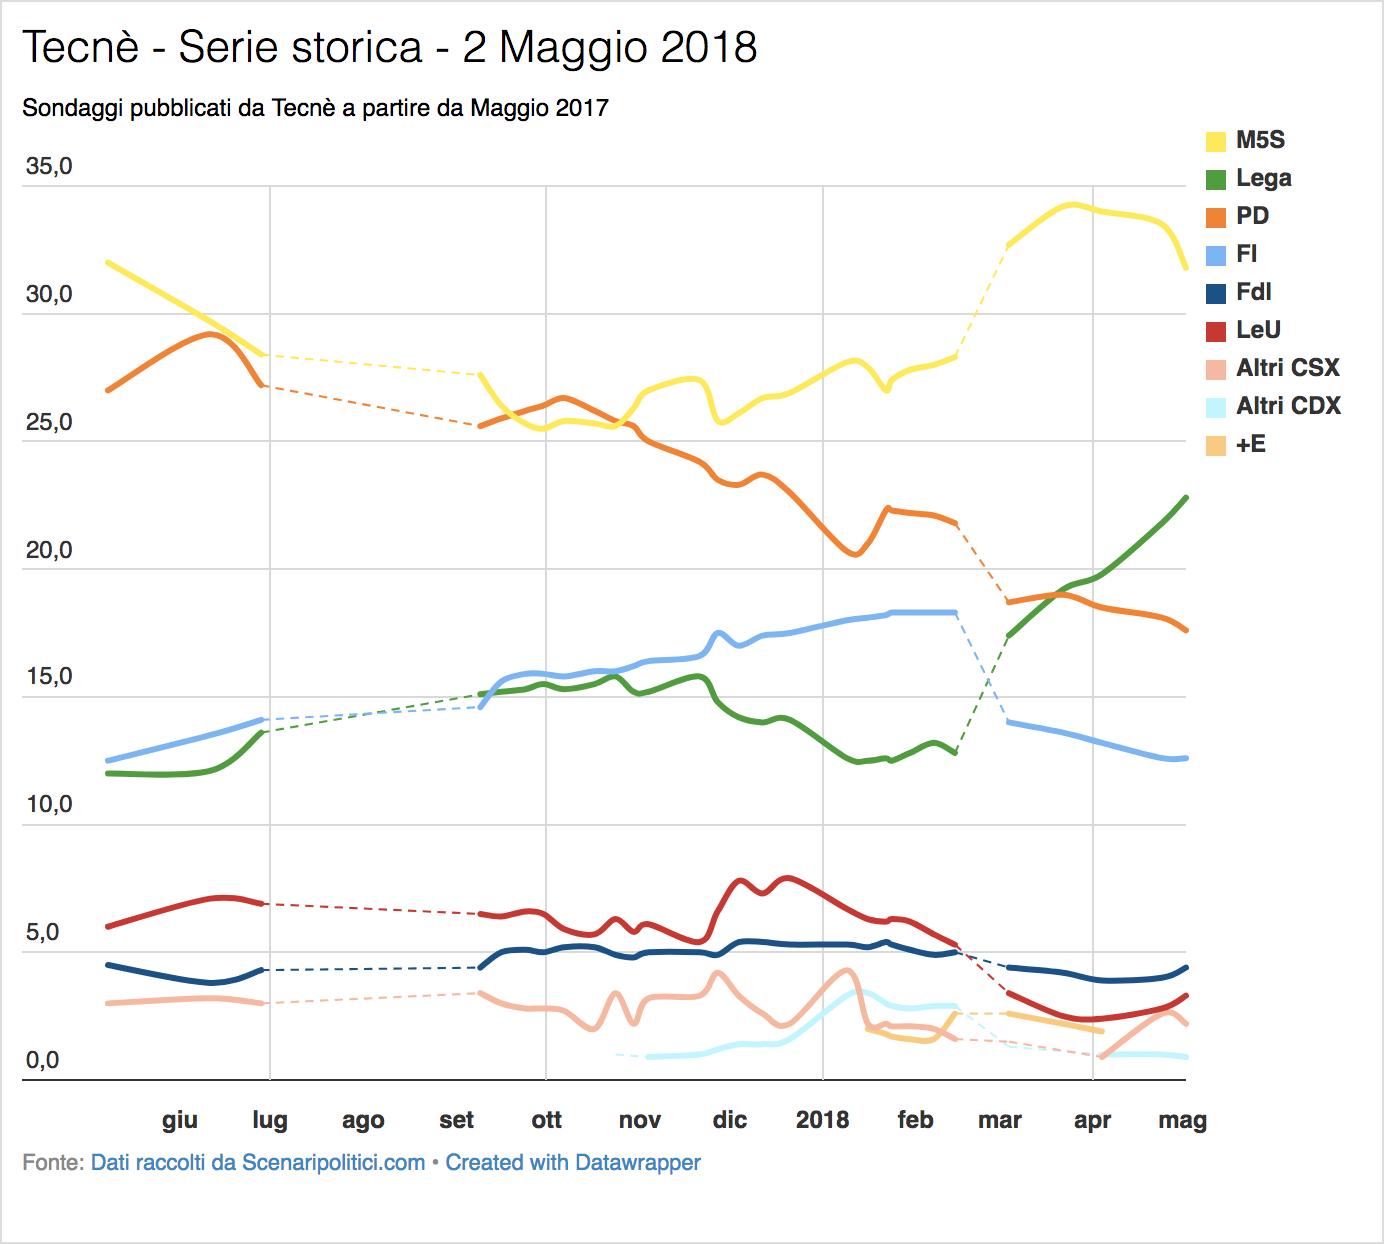 Sondaggio Tecnè (2 Maggio 2018)